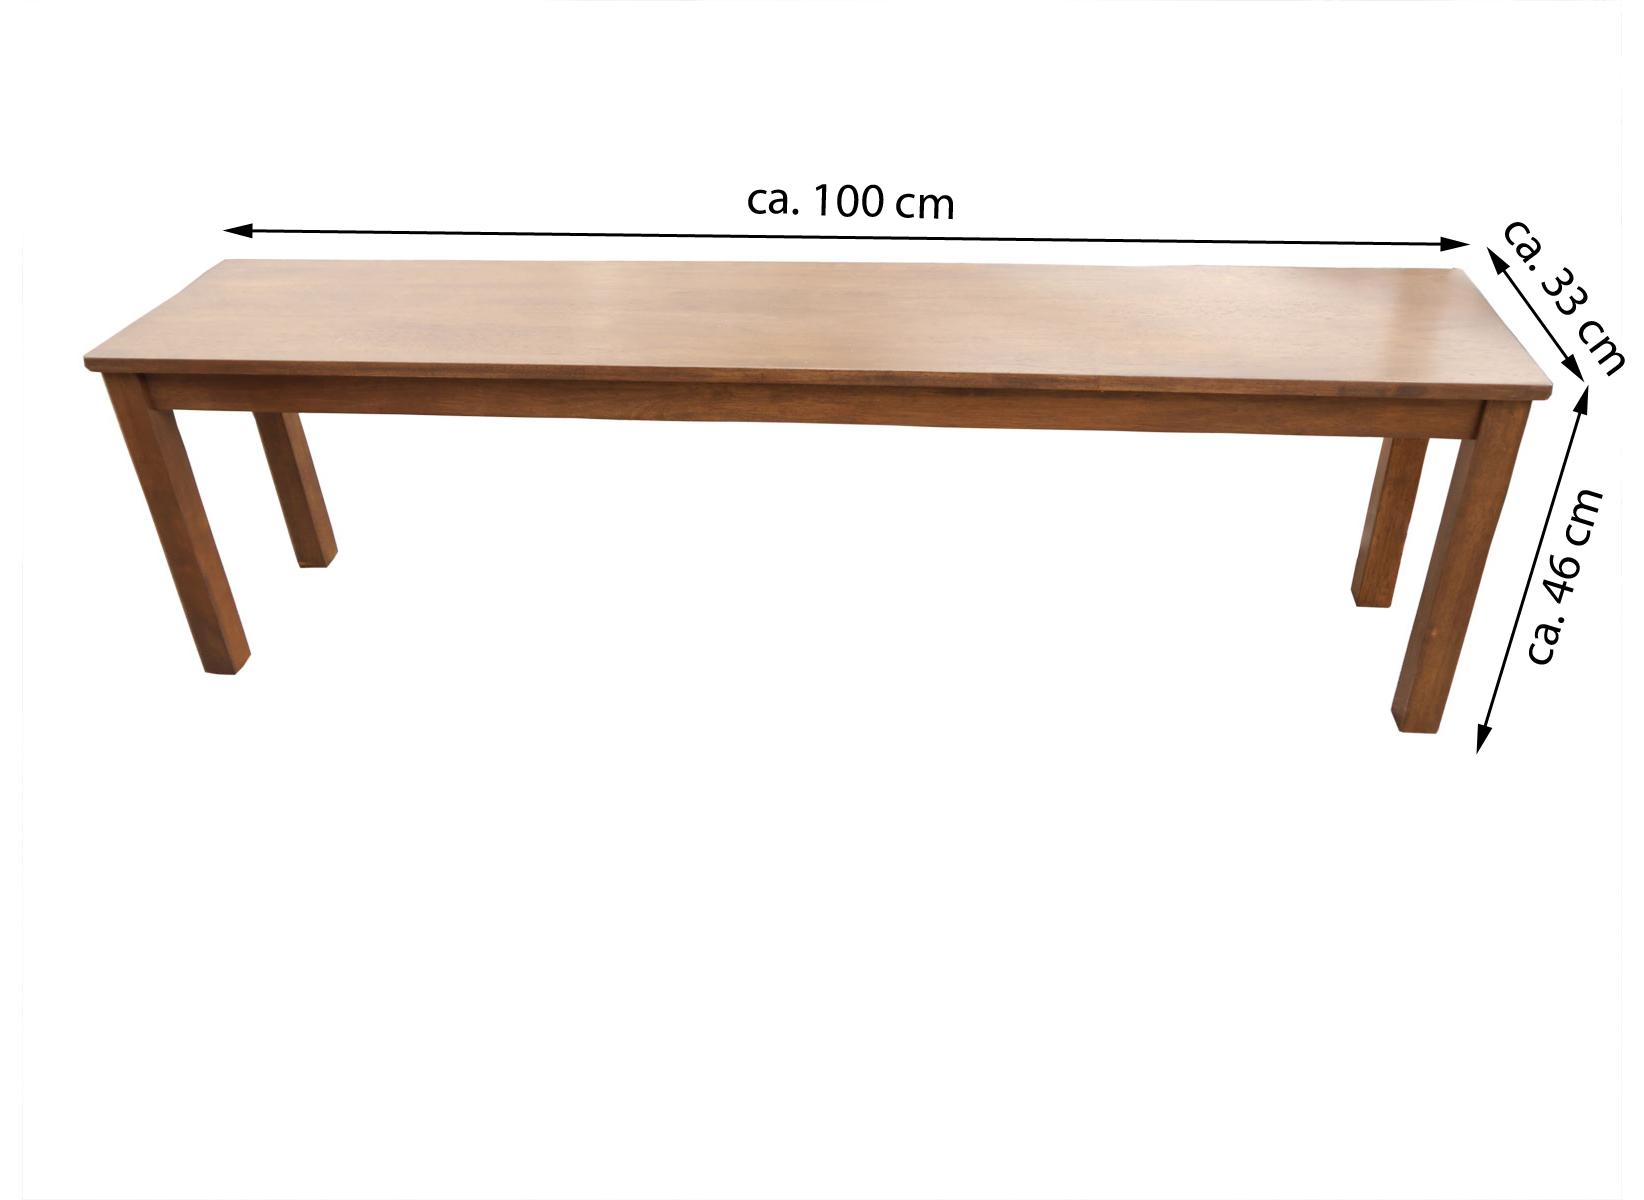 Blickfang Sitzbank 100 Cm Dekoration Von Sale X 33 Massiv Akazie Nussbaum Holzbank